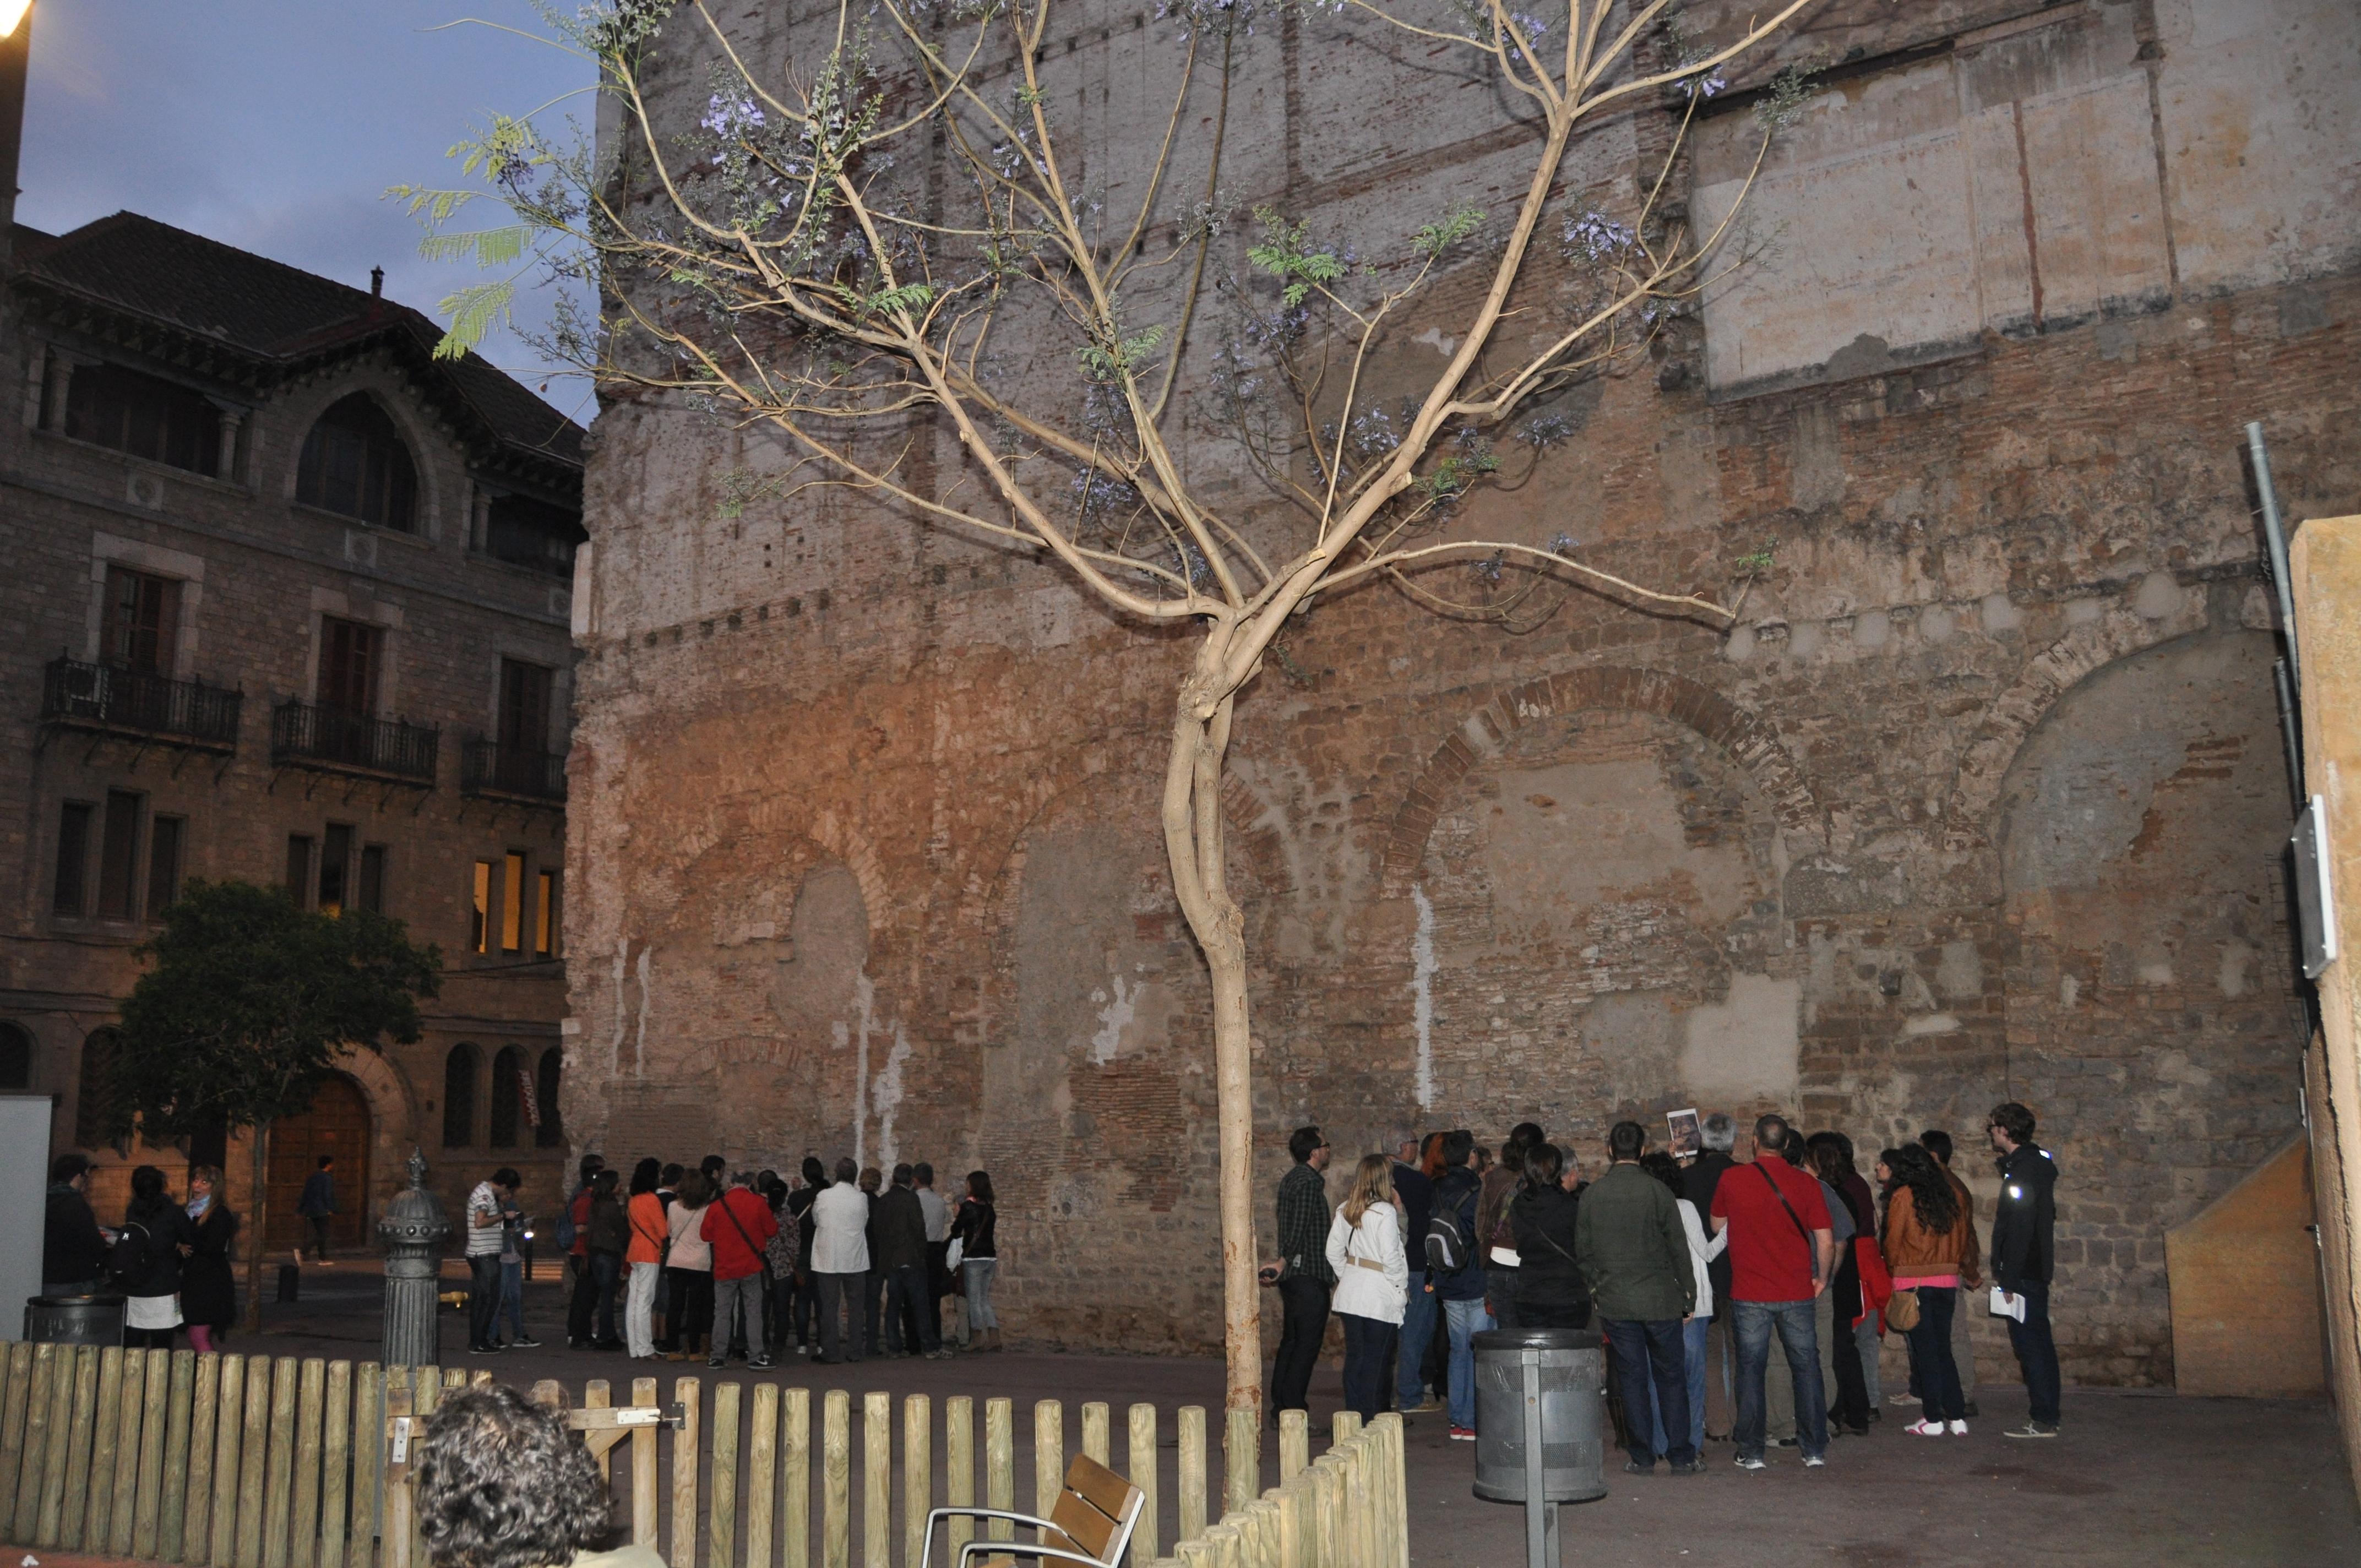 La Nit dels Museus 2014. Plaça Vuit de Març. Aqüeducte